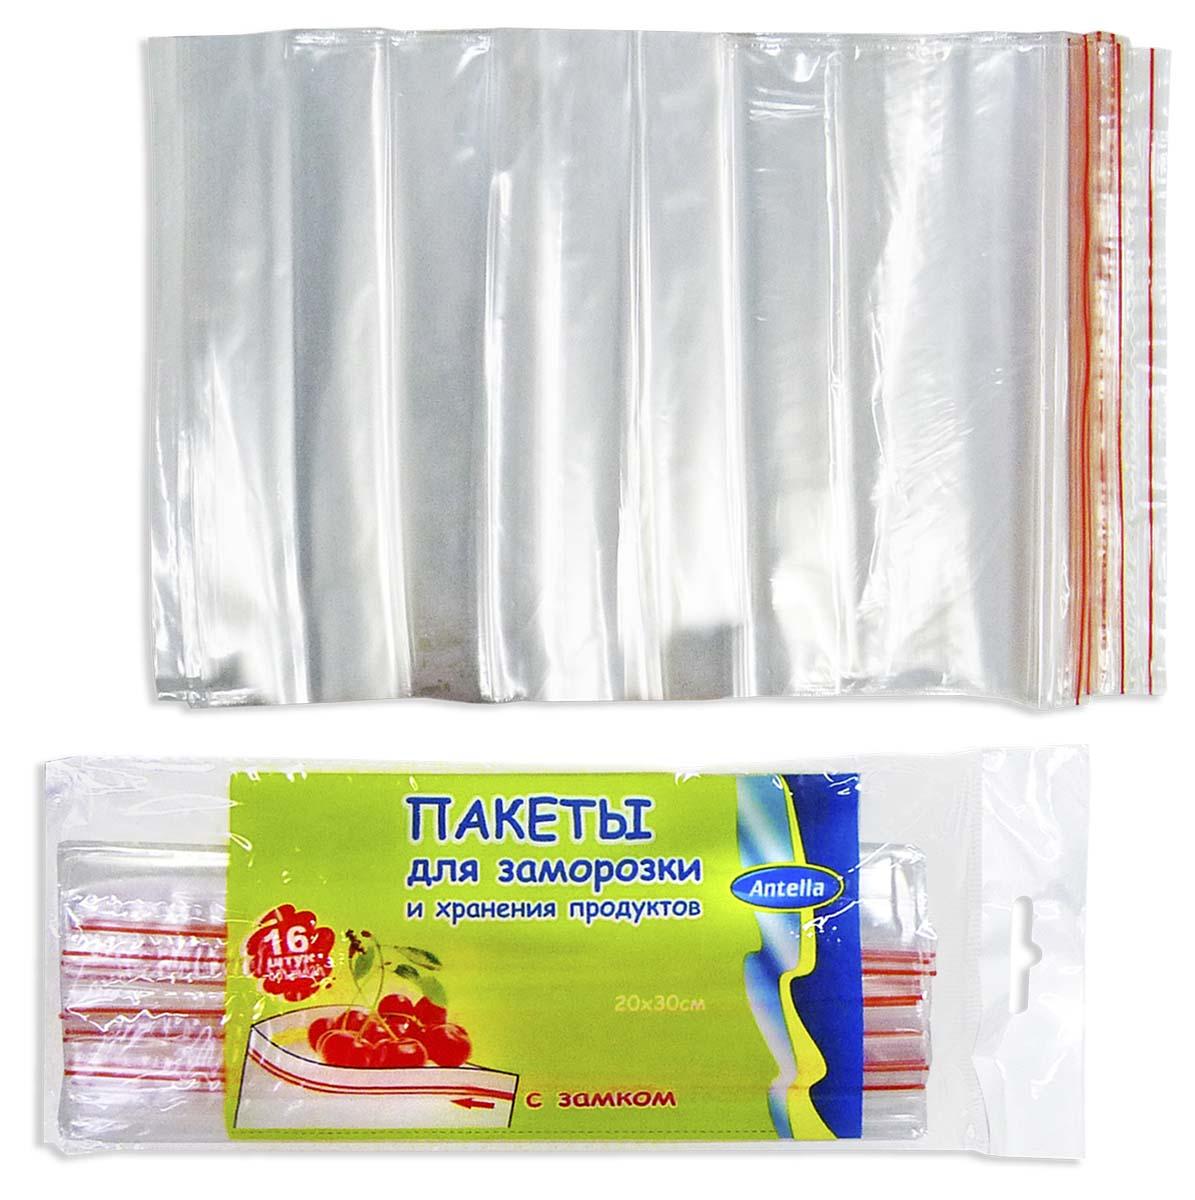 Пакеты предназначены для замораживания и хранения продуктов питания. Пакеты имеют надежный замок, благодаря которому упакованные продукты защищены от попадания посторонних запахов. Просты и удобны в применении.